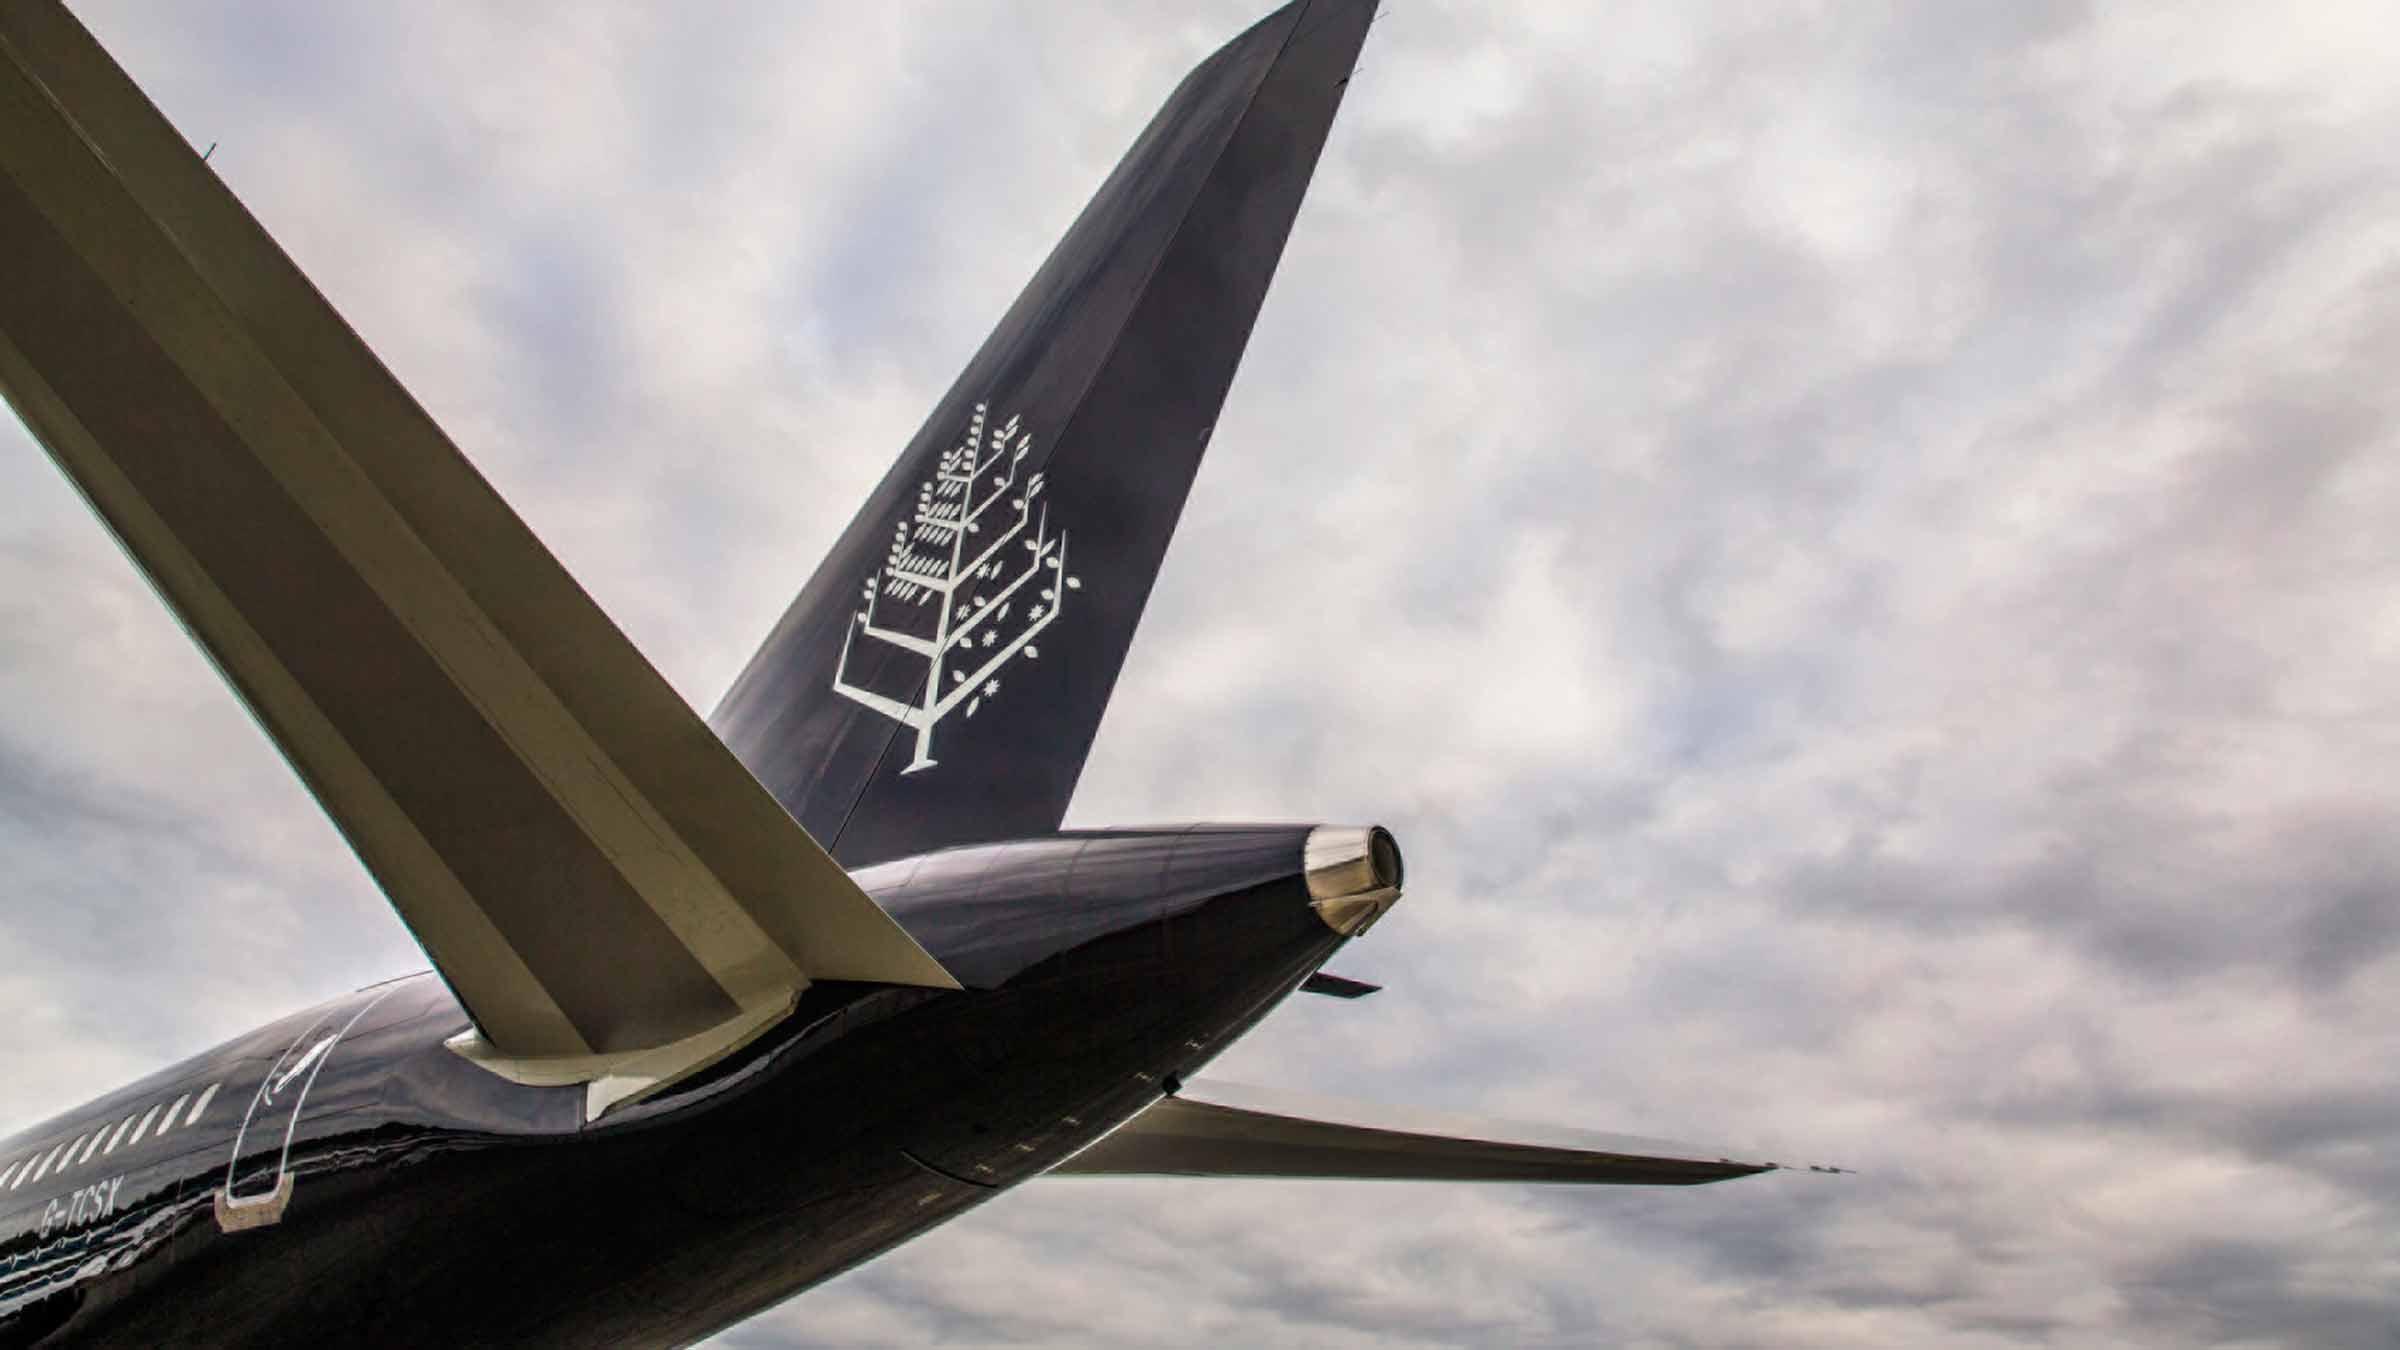 搭乘四季酒店私人飞机,奢享旅行新高度